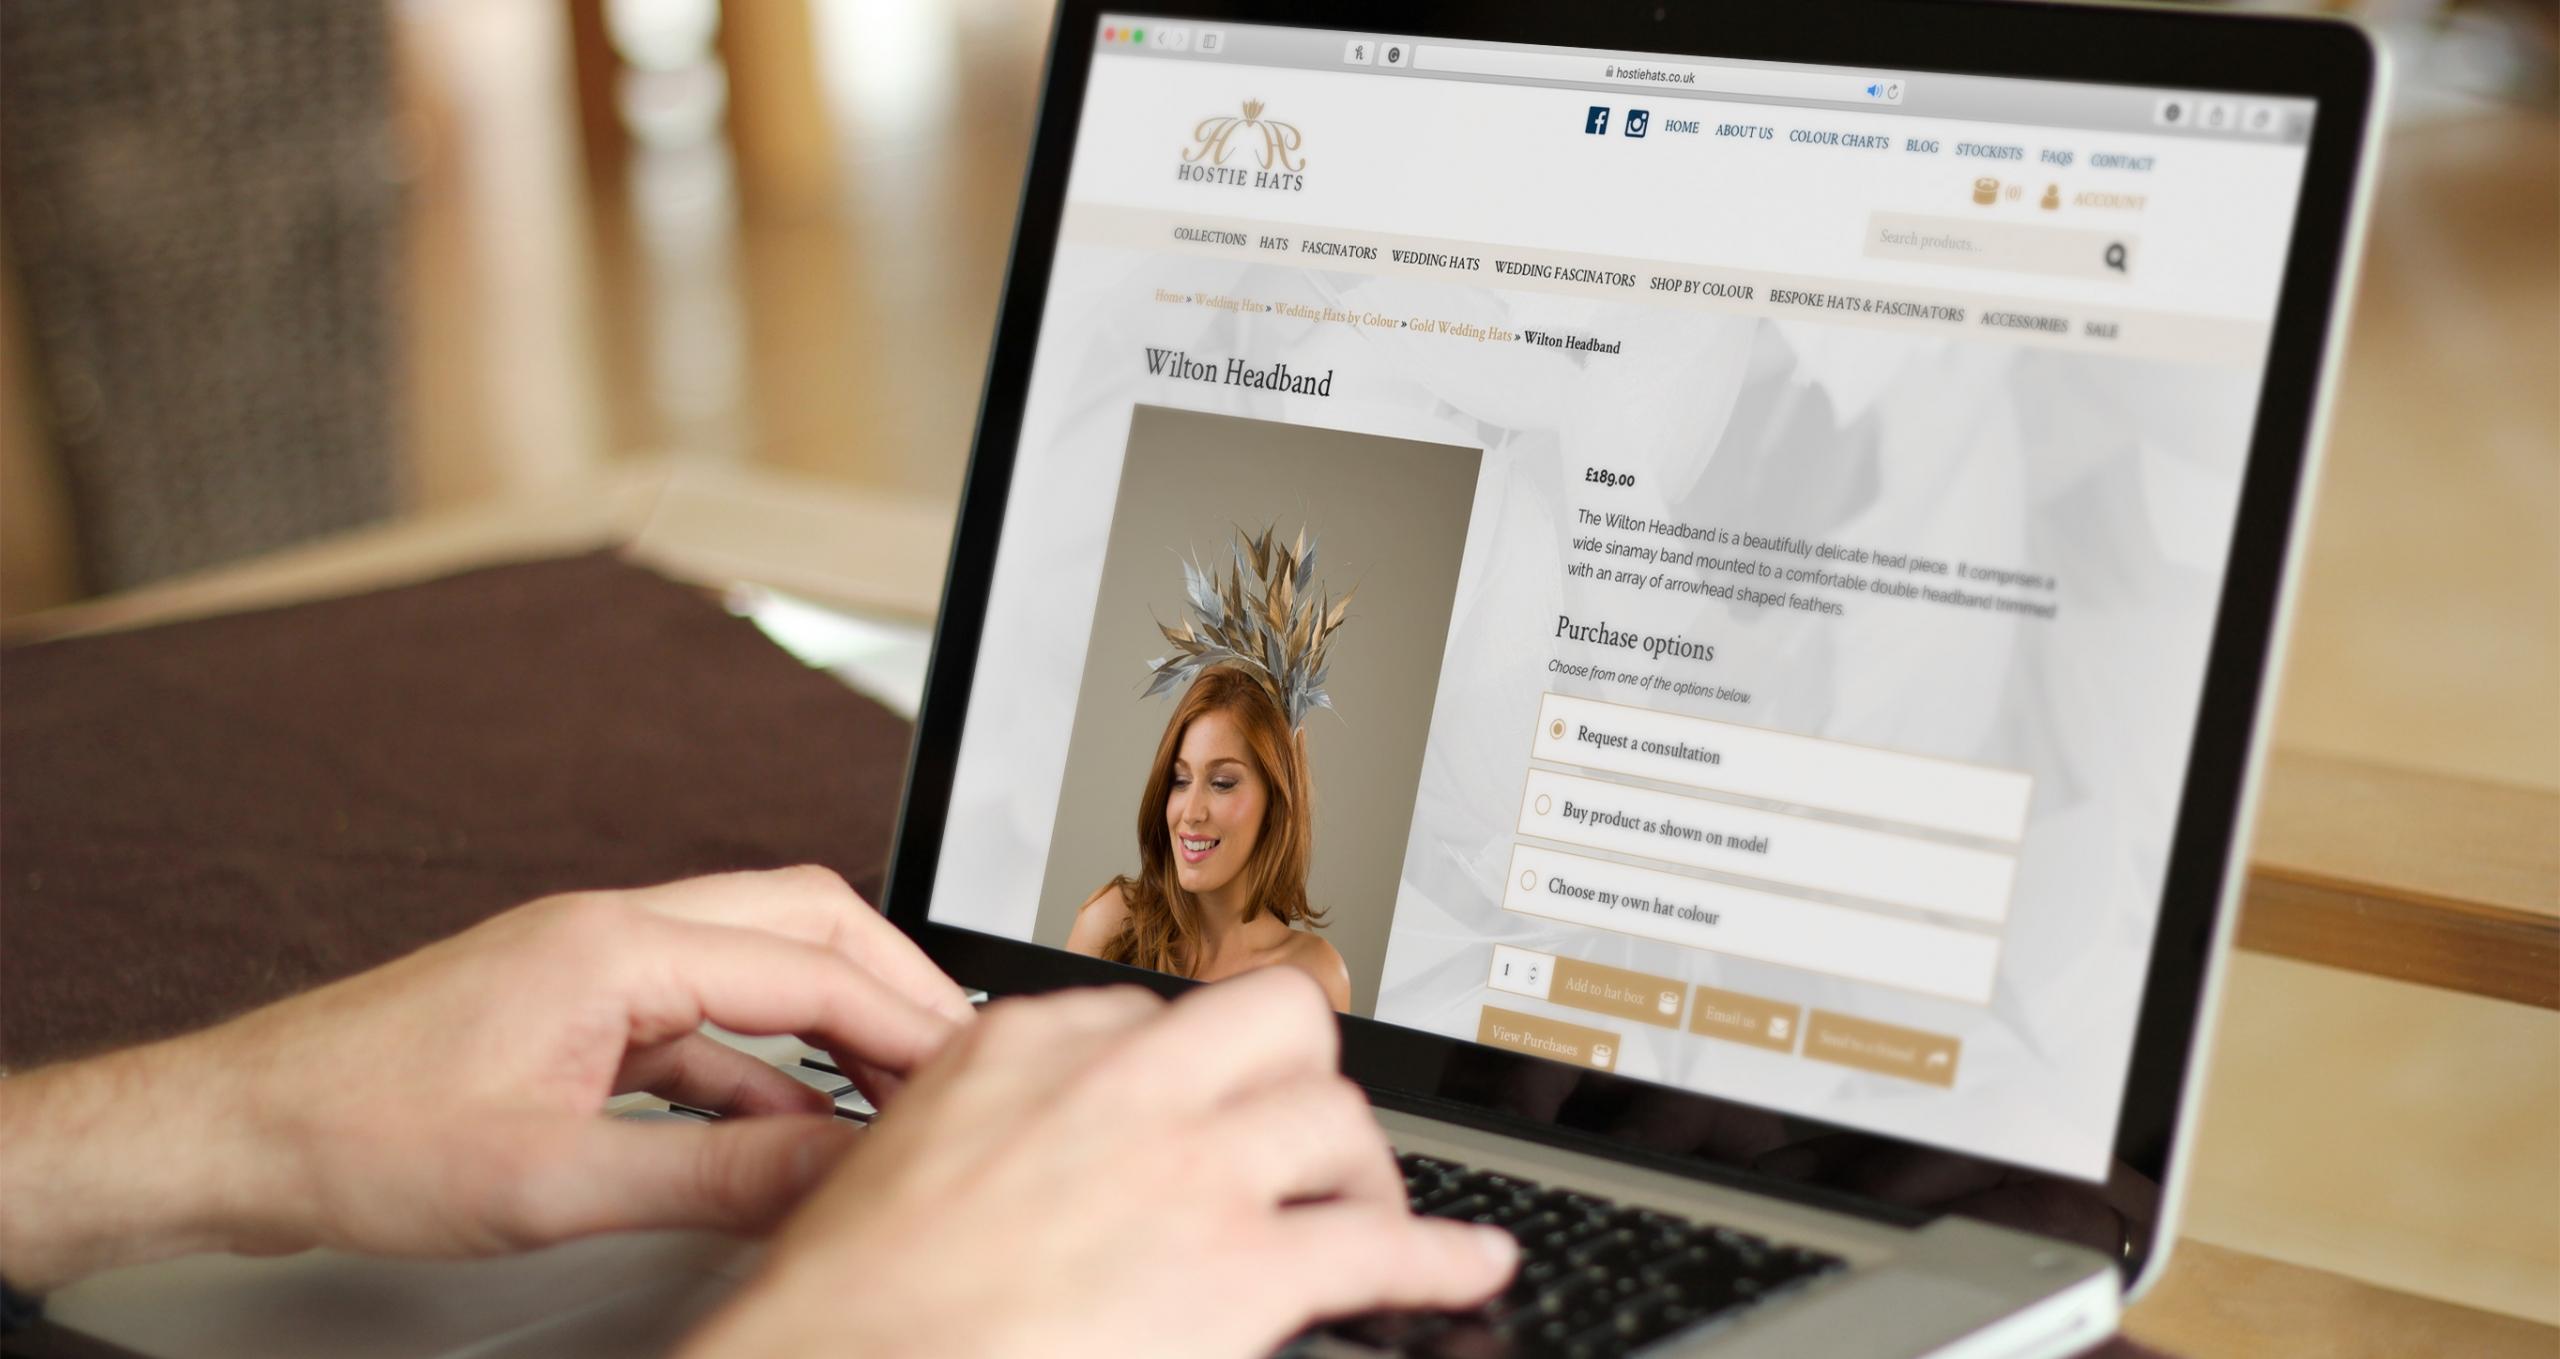 WooCommerce website design and development - Hostie Hats